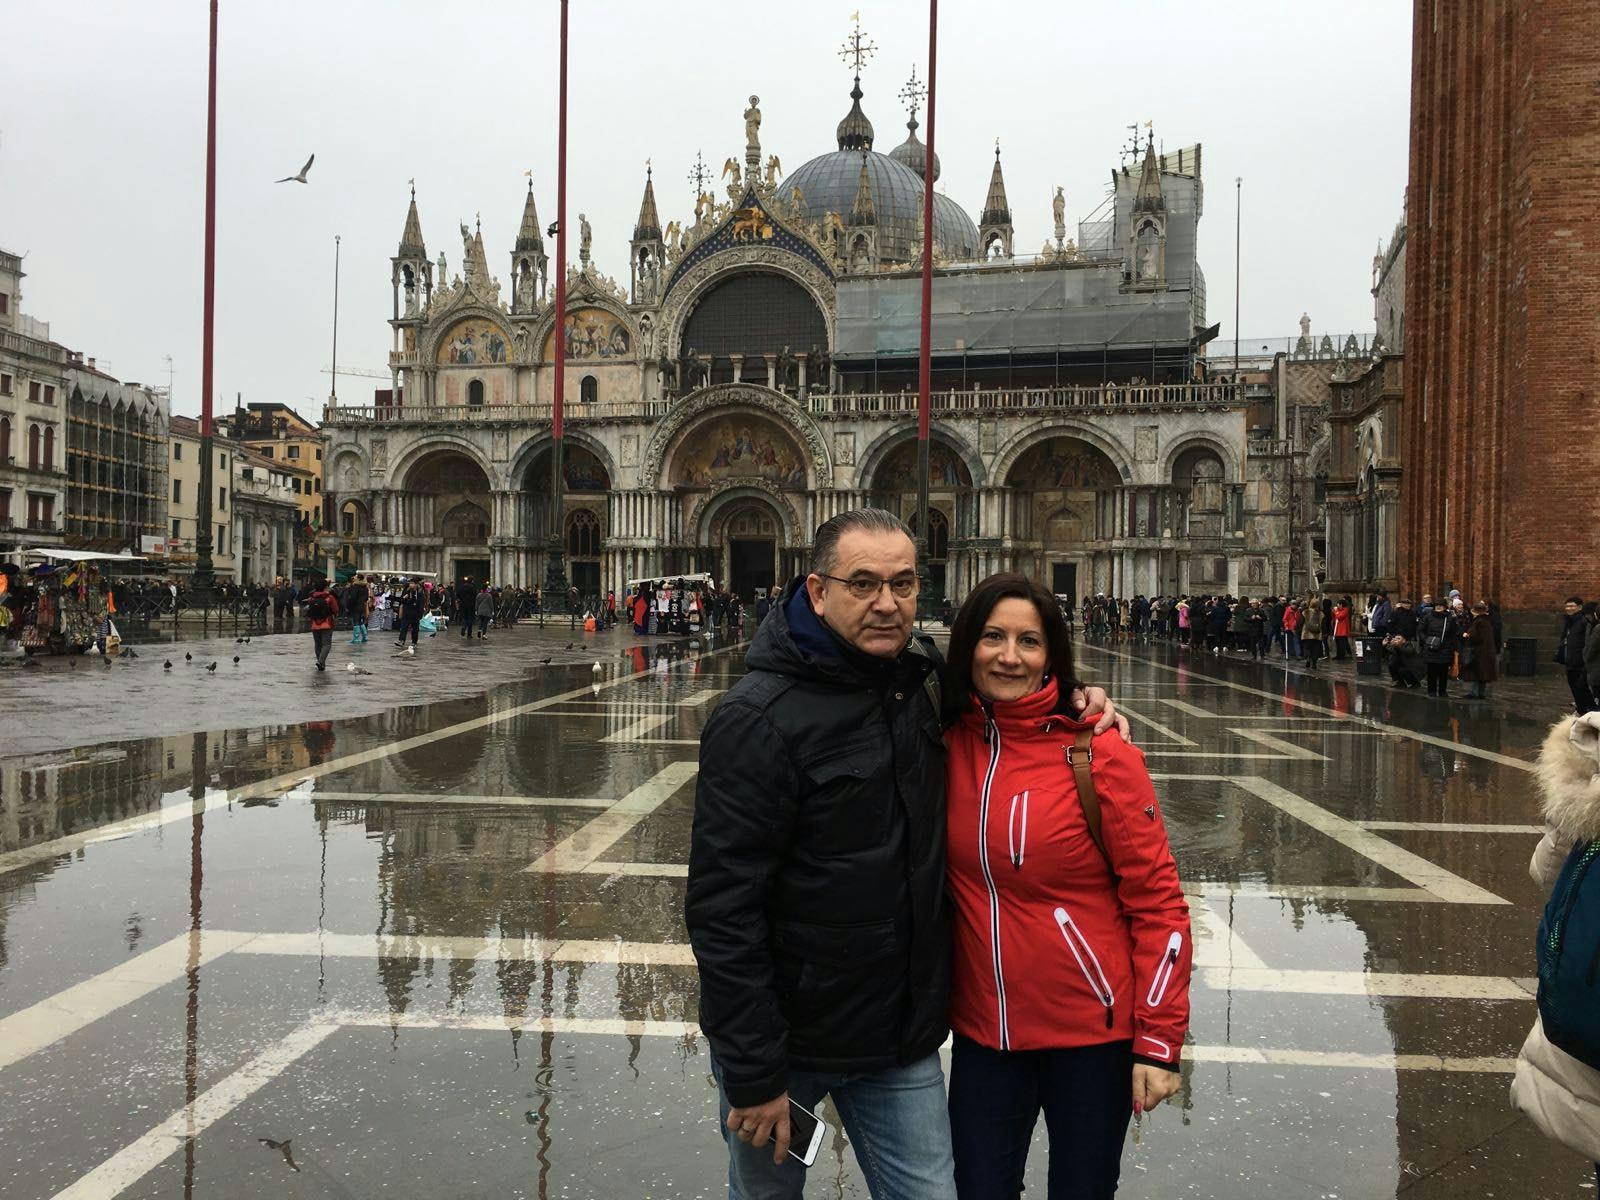 Tina y Nando en la Plaza San Marcos de Venecia.